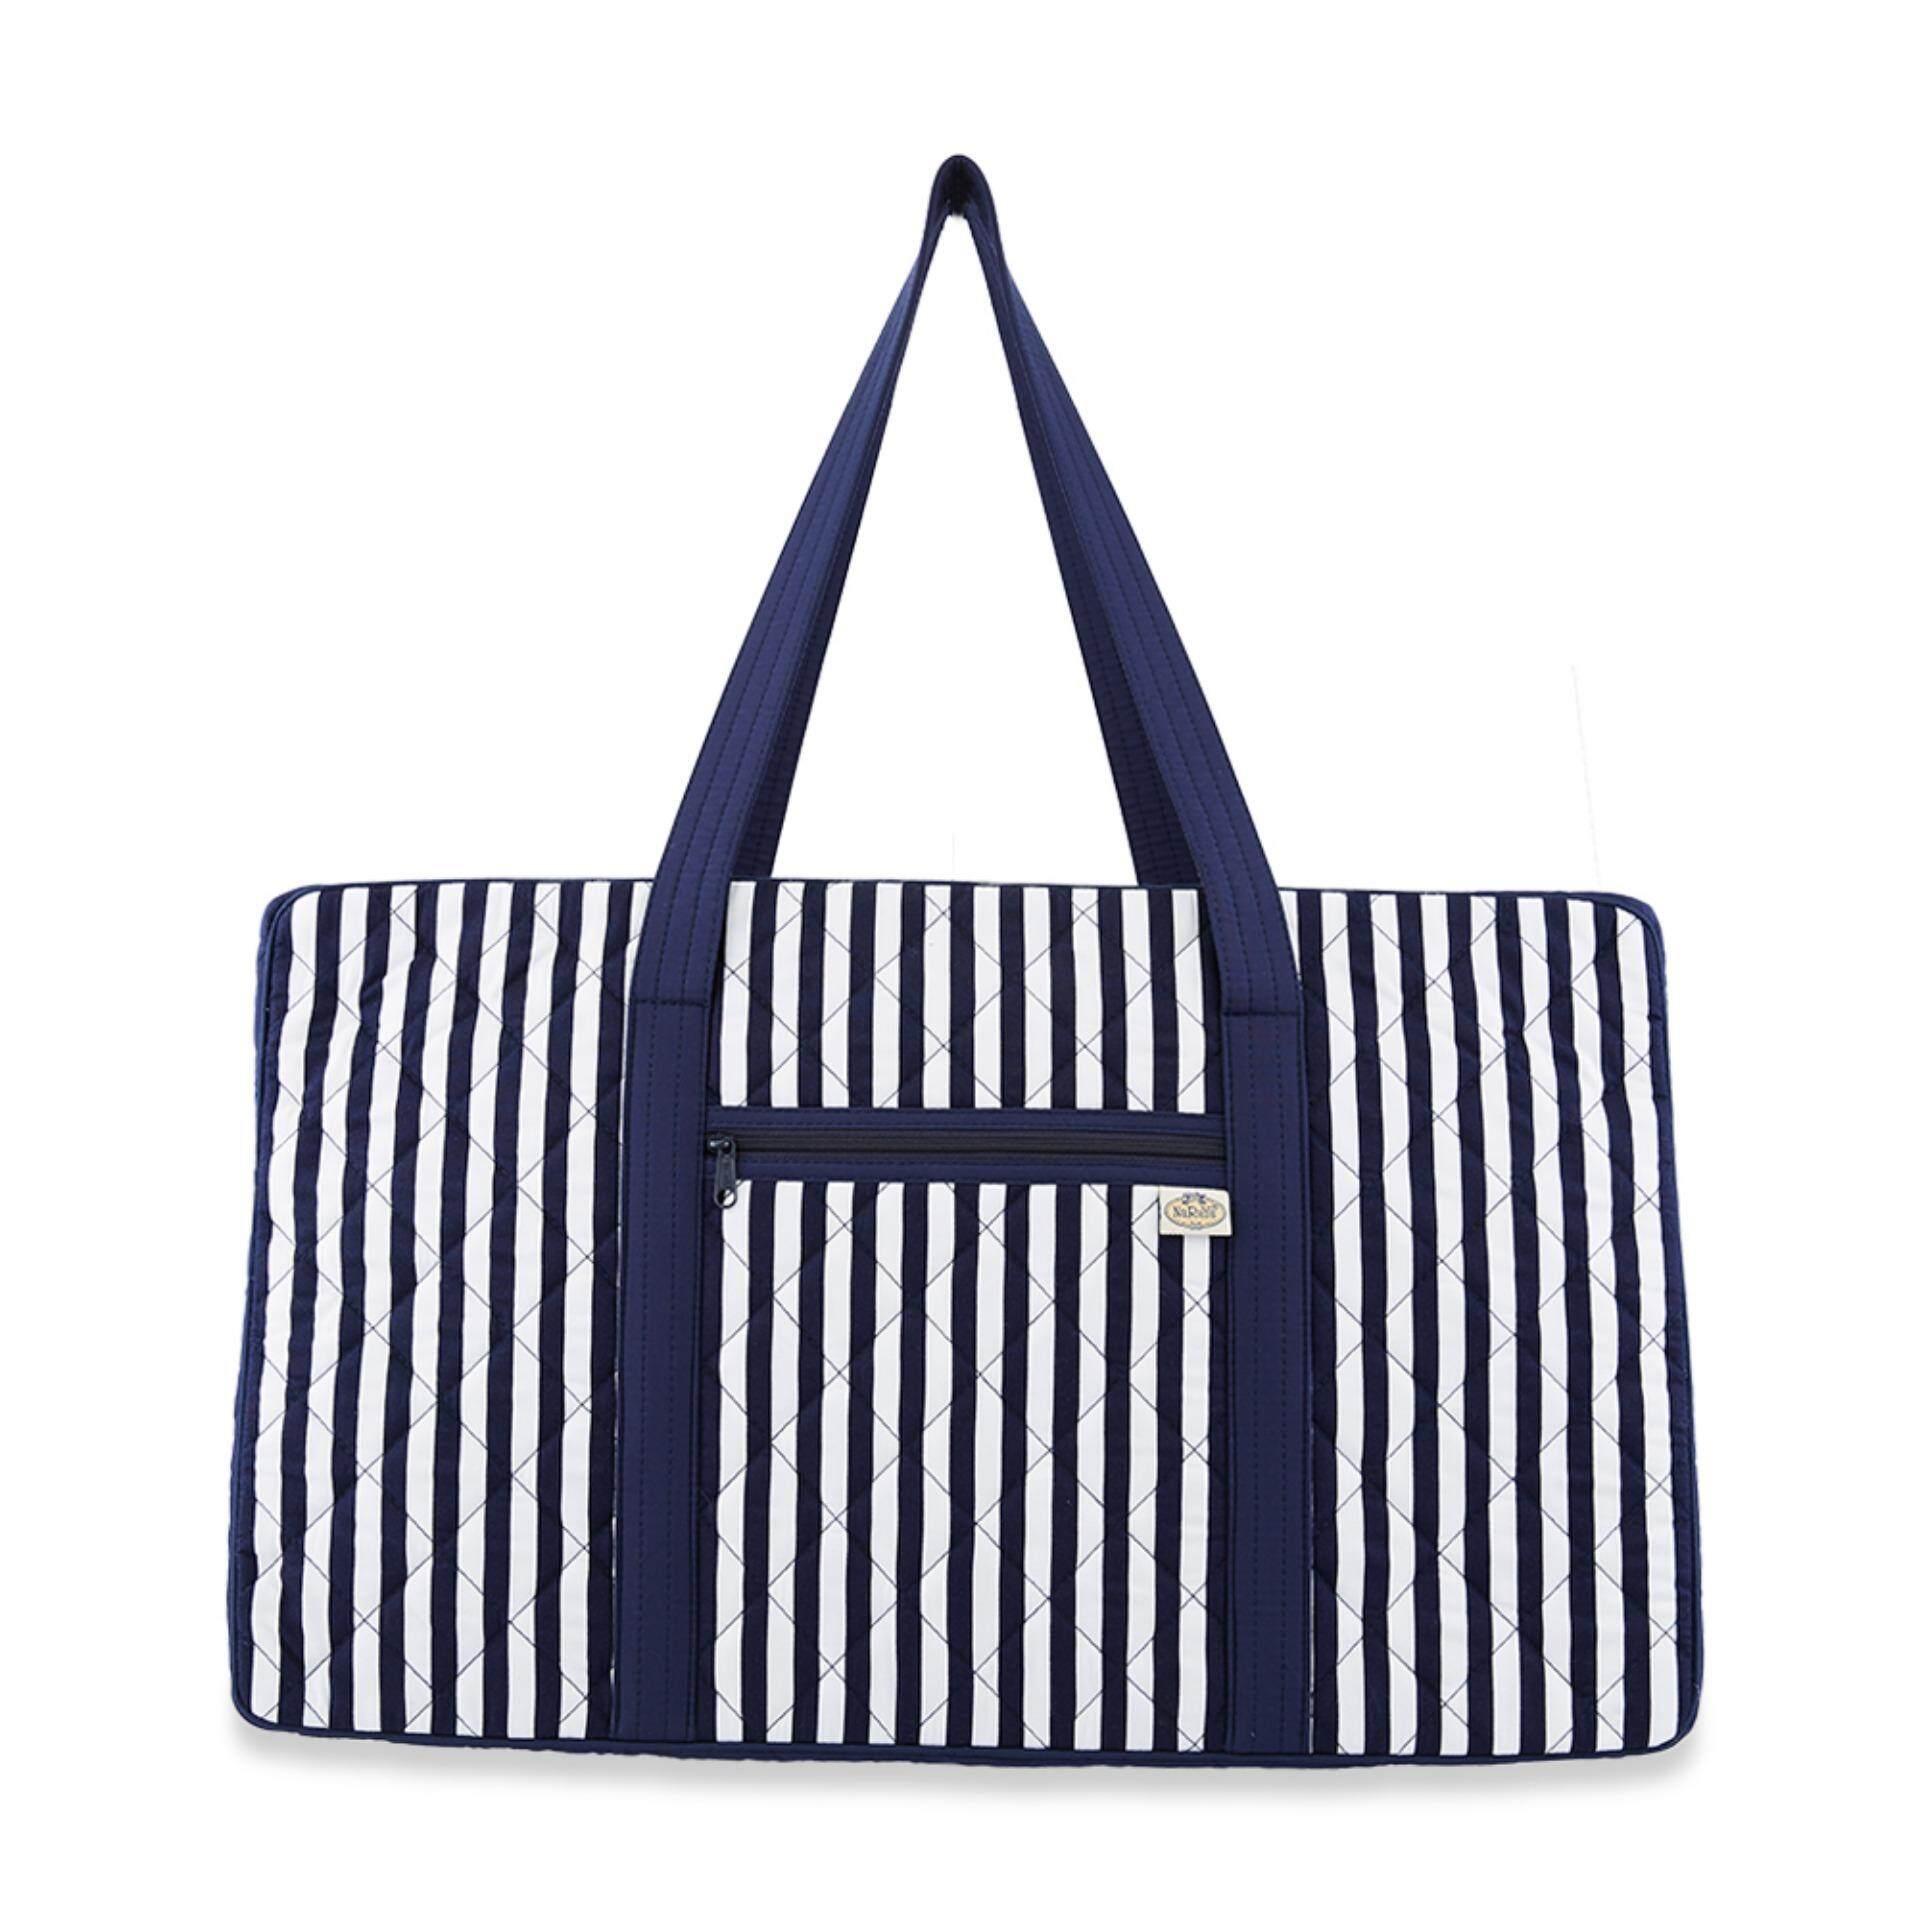 กระเป๋าเดินทางขนาดเล็ก NaRaYa Stripes Quilted